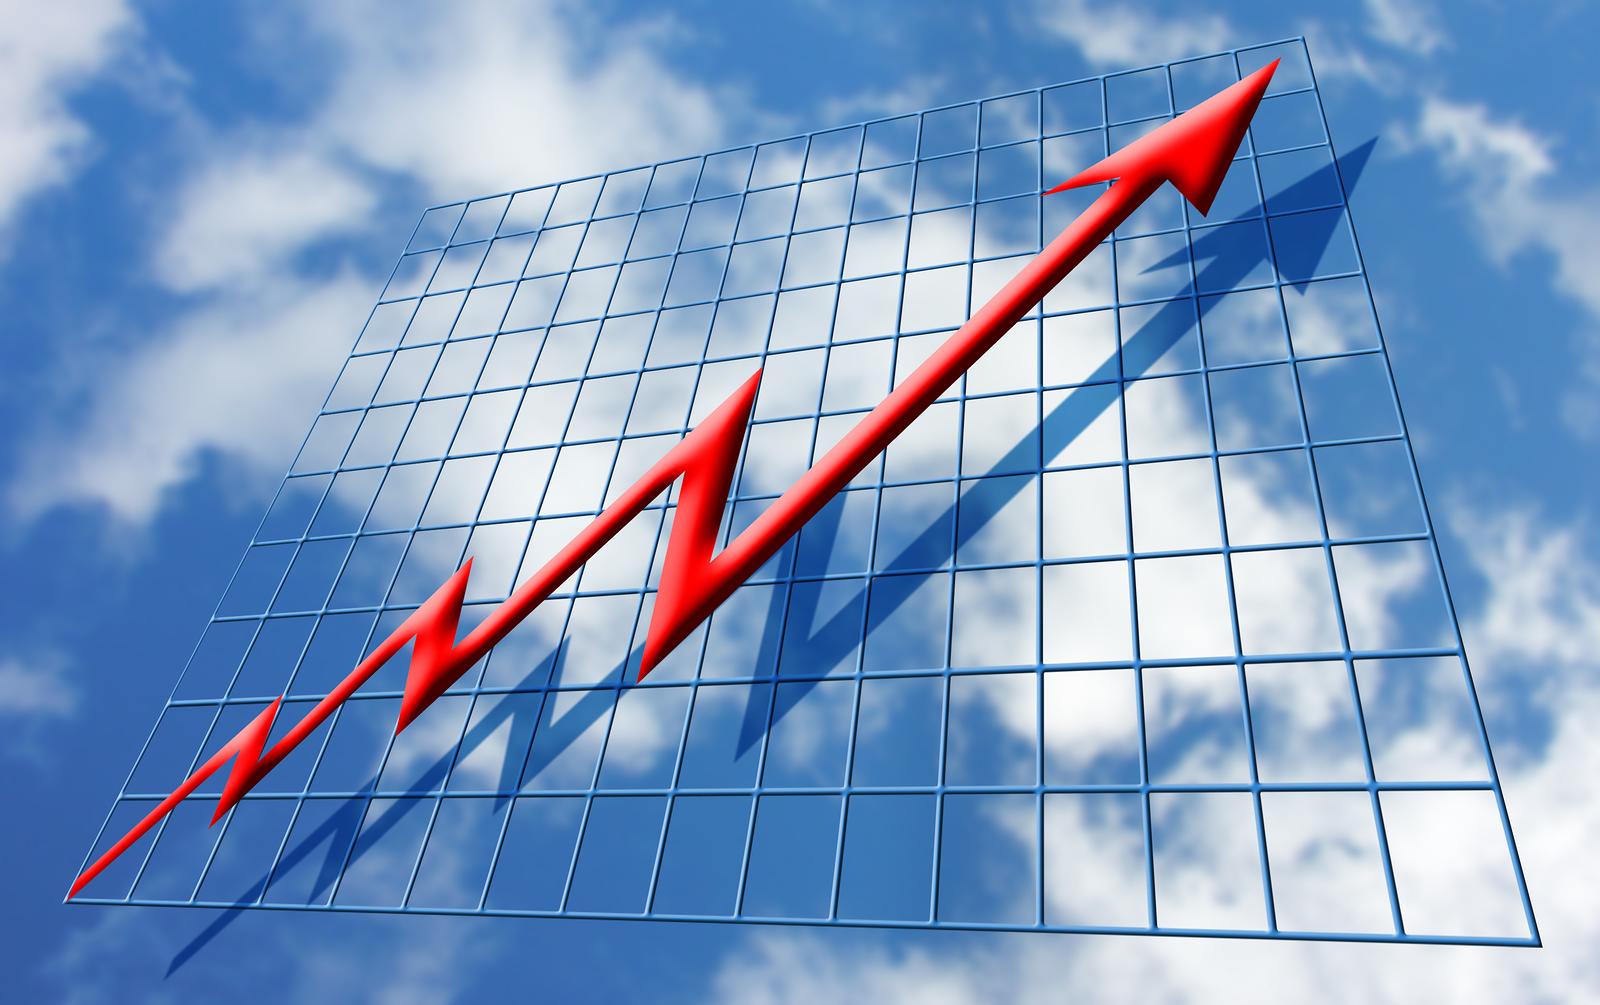 Paperpack: Αύξηση 8,15% για το α' τρίμηνο του 2016